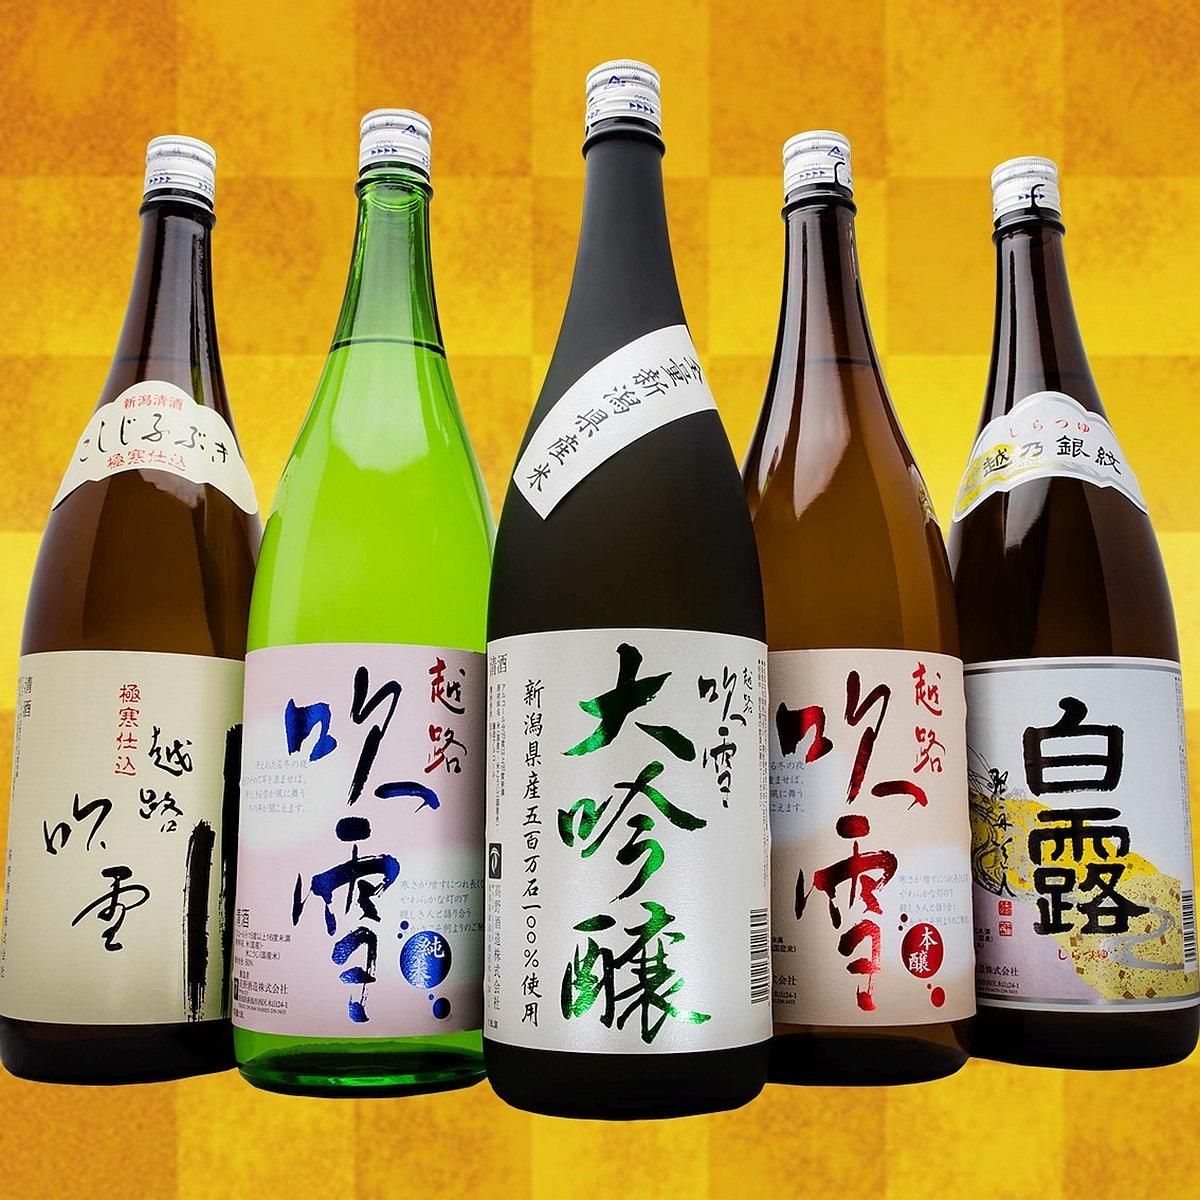 最新作の 日本酒 のみくらべセット 新潟 大吟醸 入り 1800ml 一升瓶 5本 飲み比べ セット 酒 福袋 純米酒 本醸造 普通酒 高野酒造  B01M1NZR6L, もっとホット 3e7fb07a